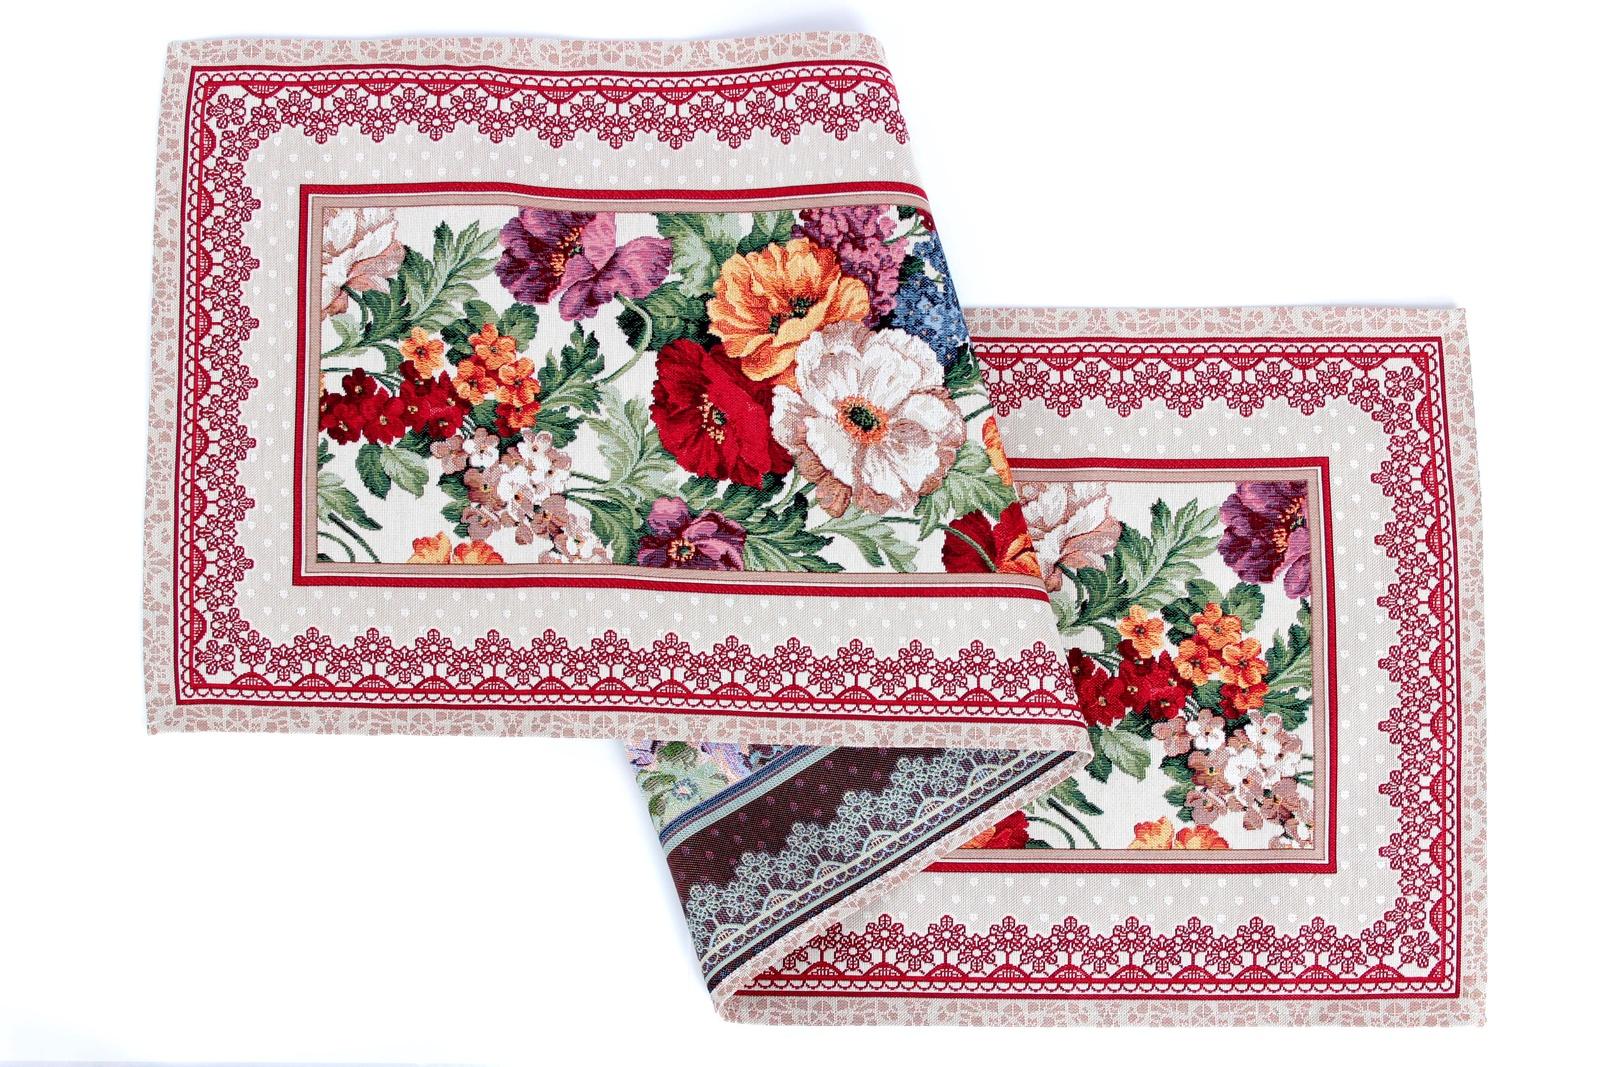 цена на Салфетка столовая Магазин гобеленов букет цветов 45*140 см, Гобелен